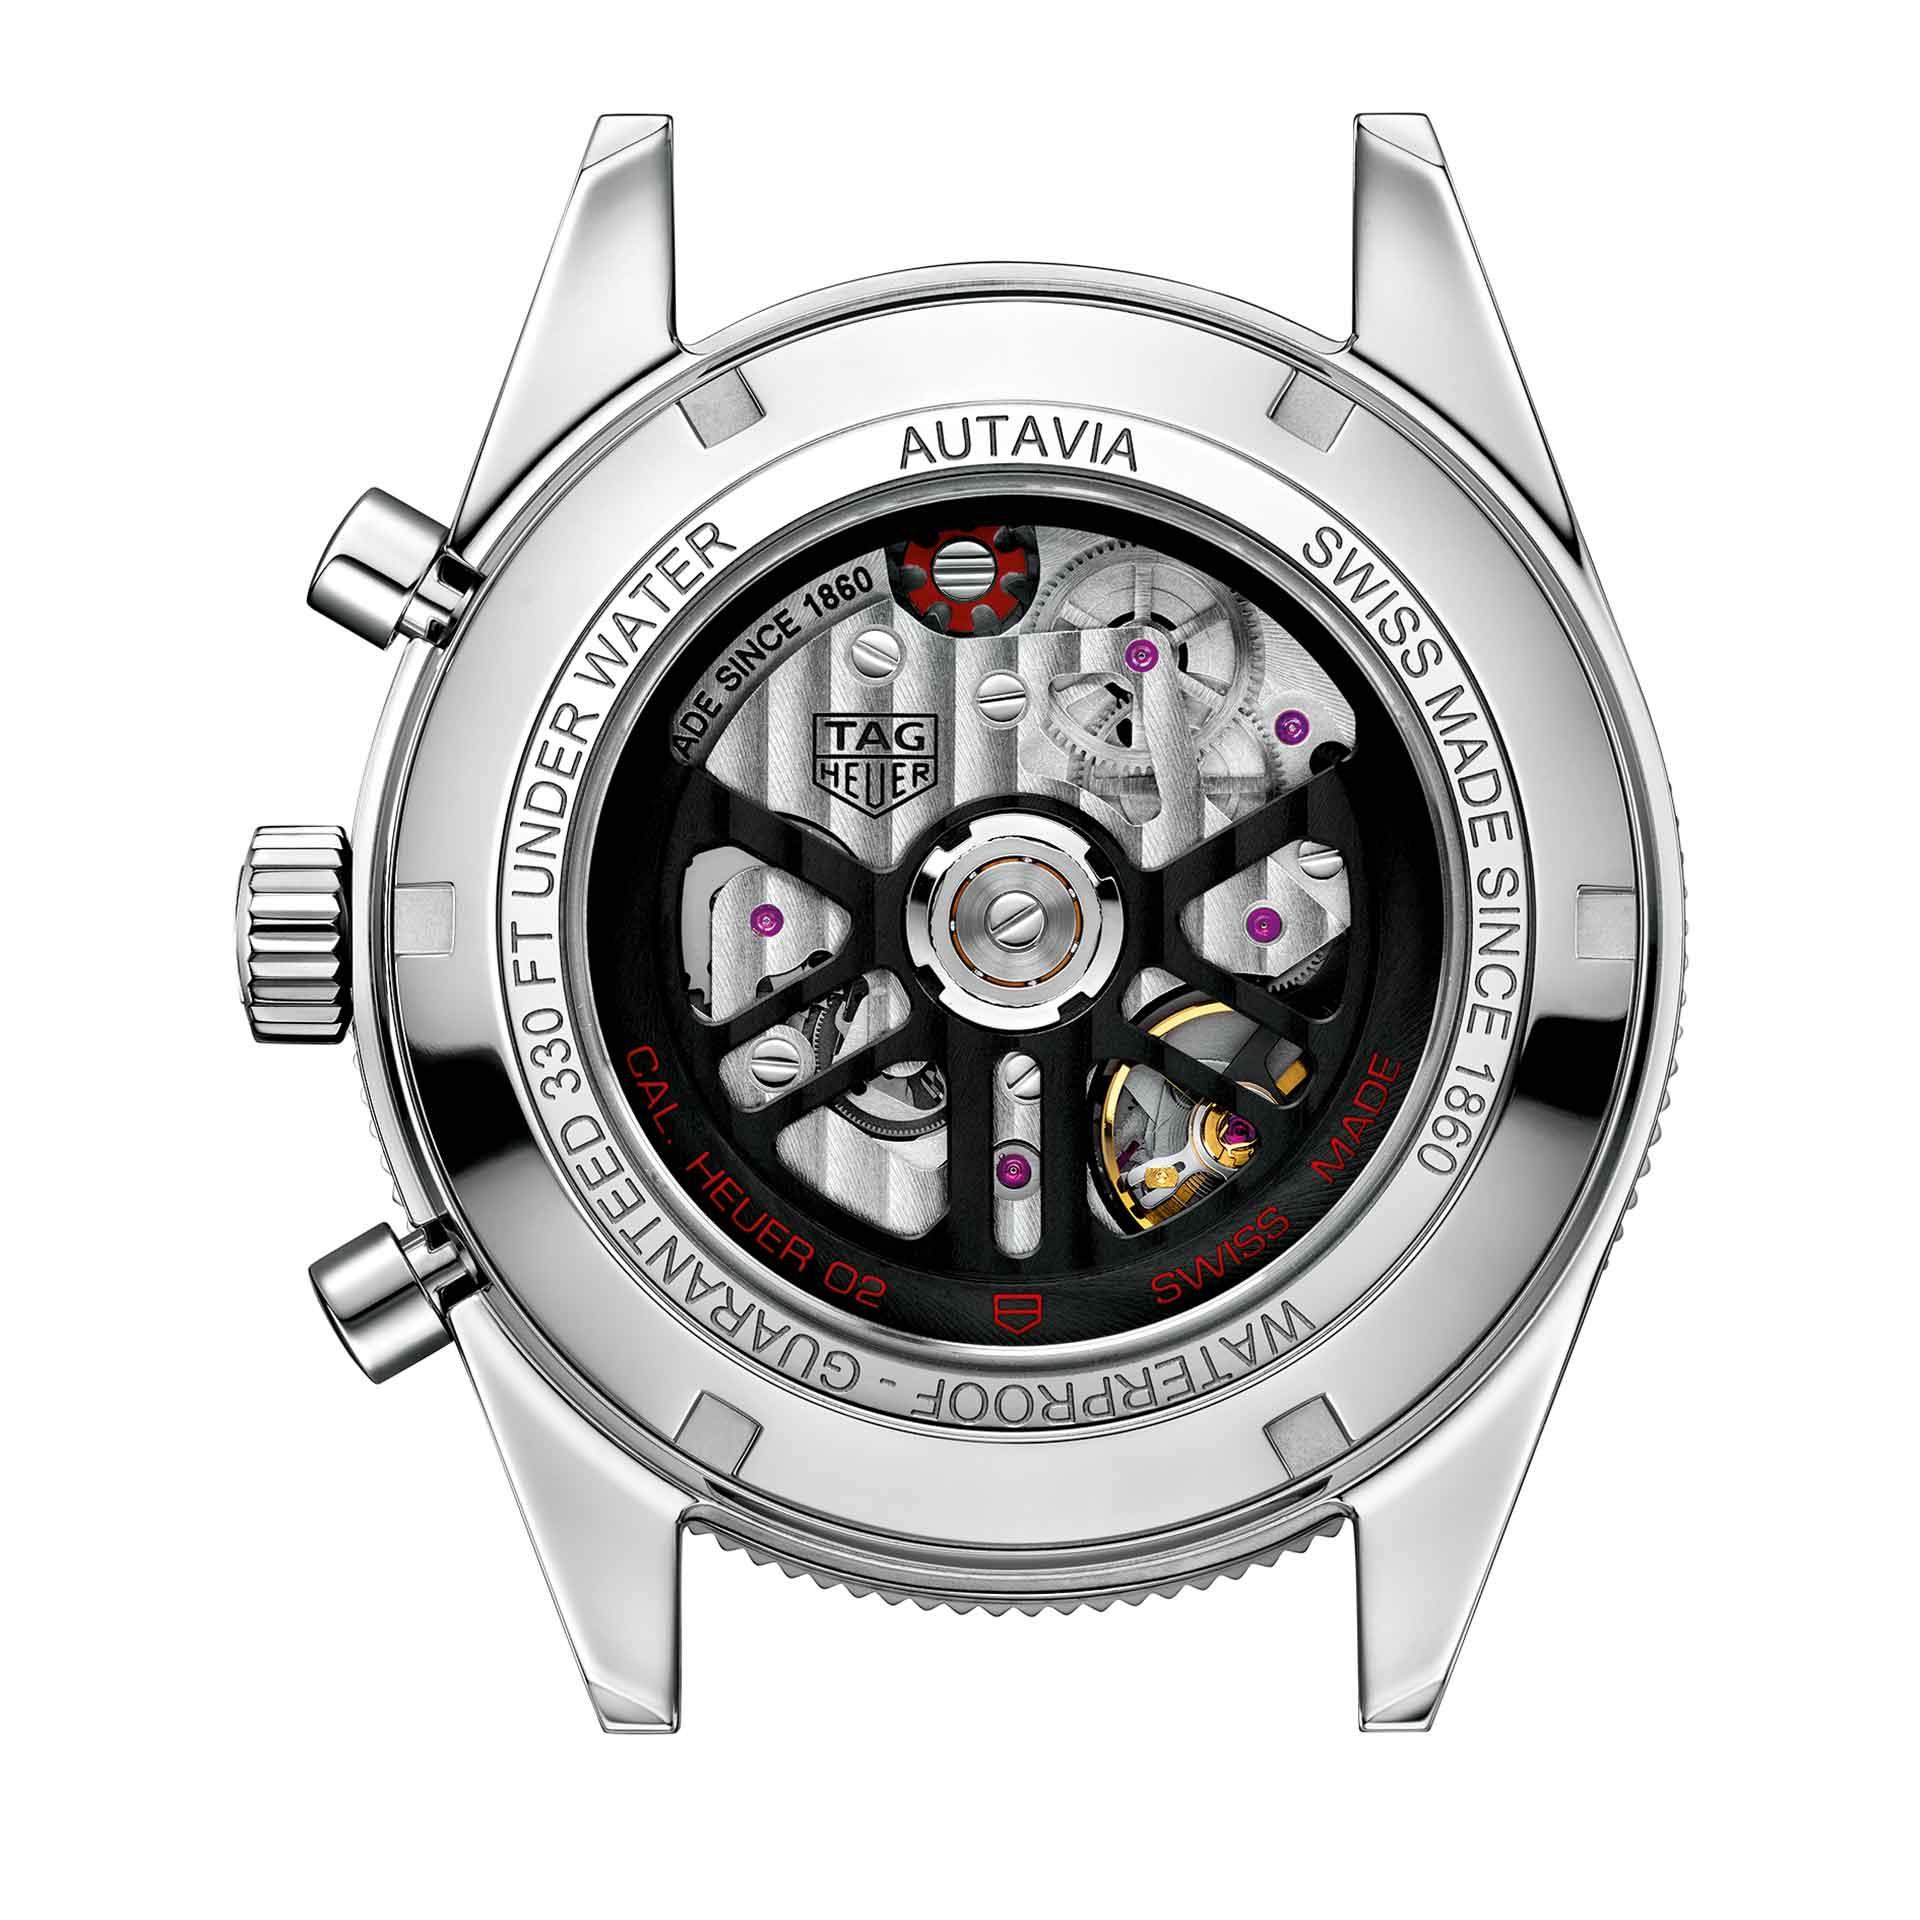 Das Manufaktur-Chronographenkaliber Heuer 02 von TAG Heuer bietet eine stattliche Gangreserve von 80 Stunden.